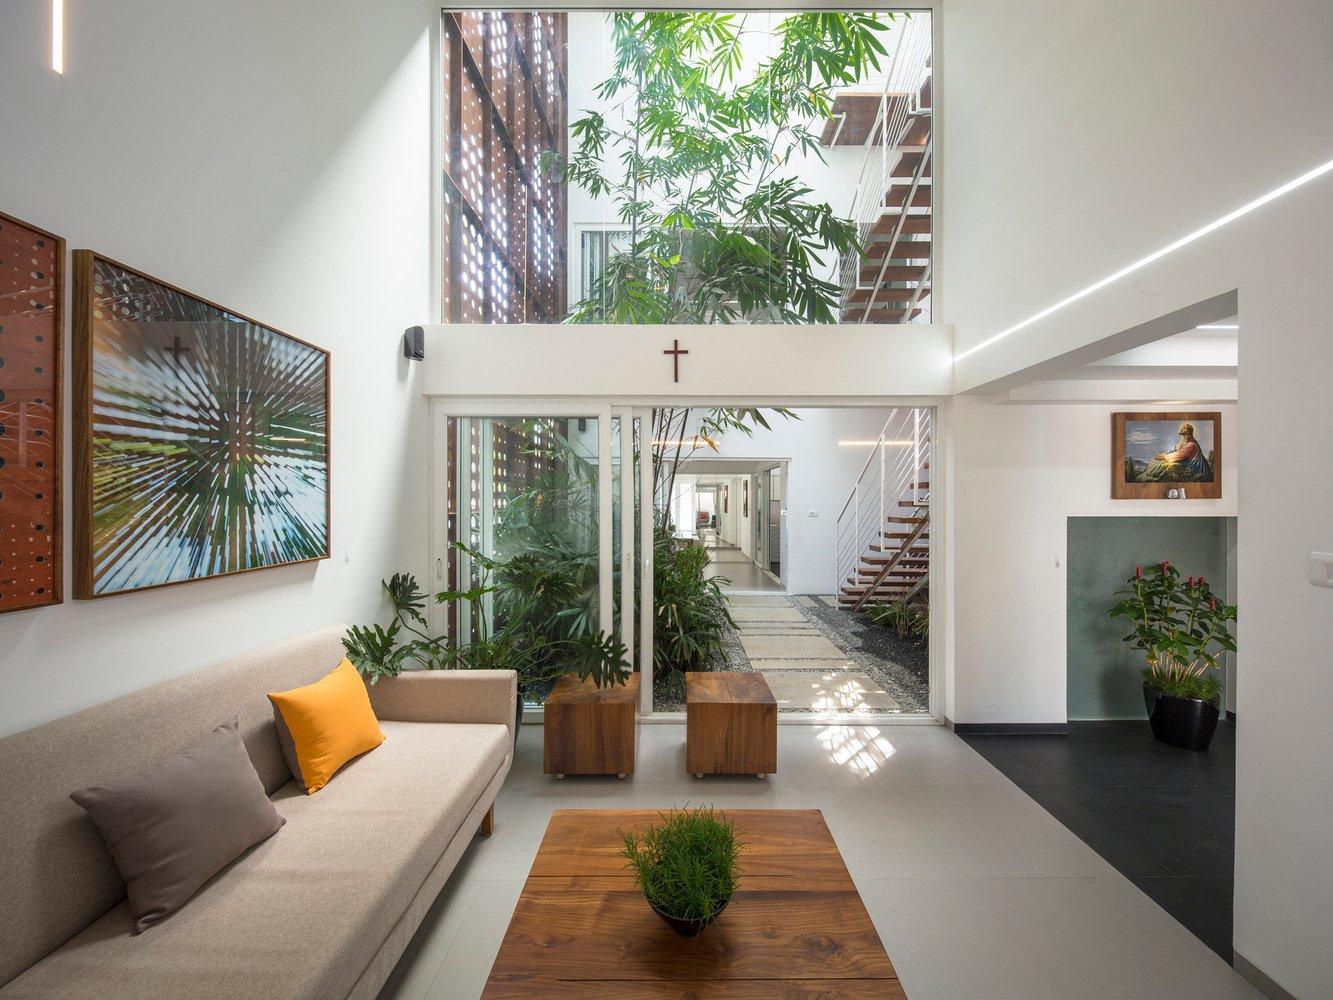 великолепный дом с крытым атриумом4